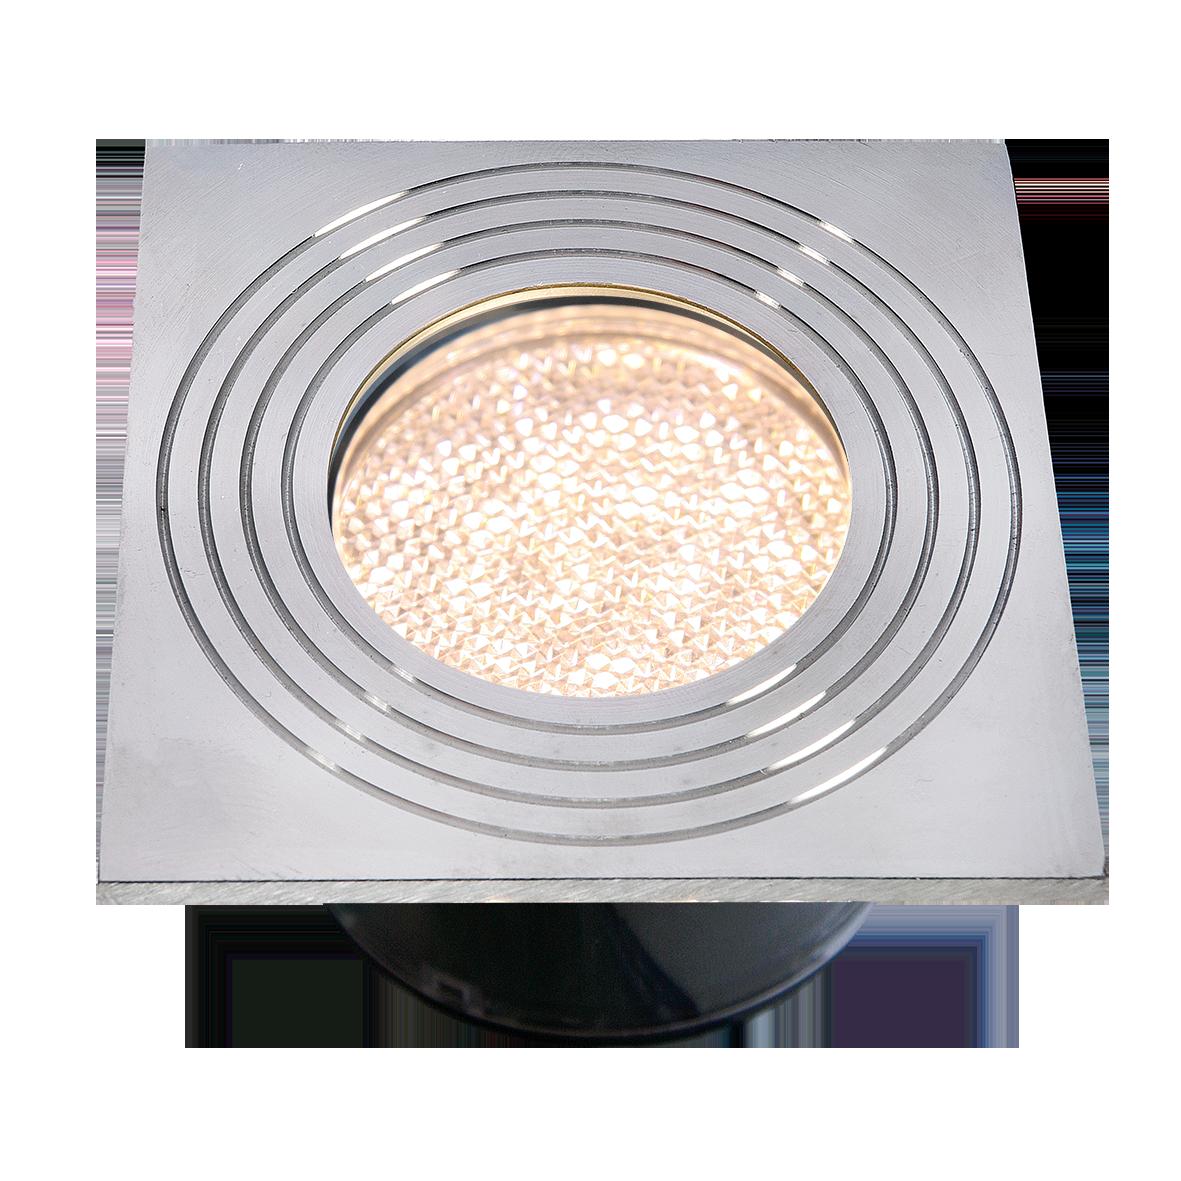 Onyx 60 R4 LED 1W